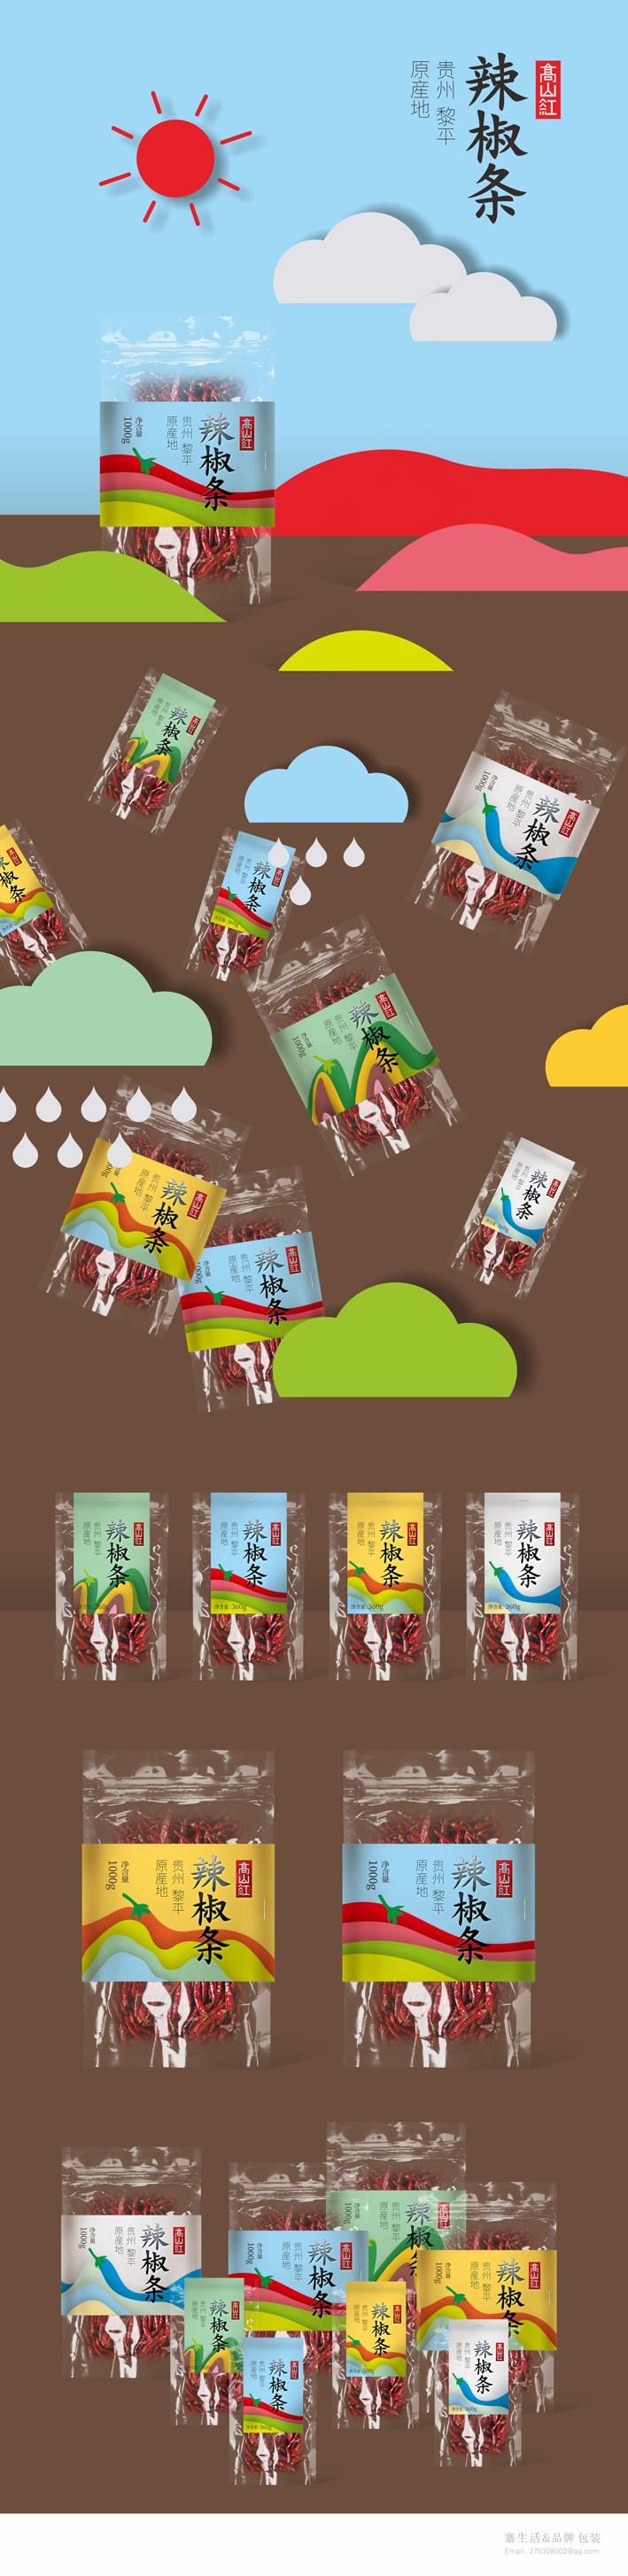 高山红辣椒系列包装